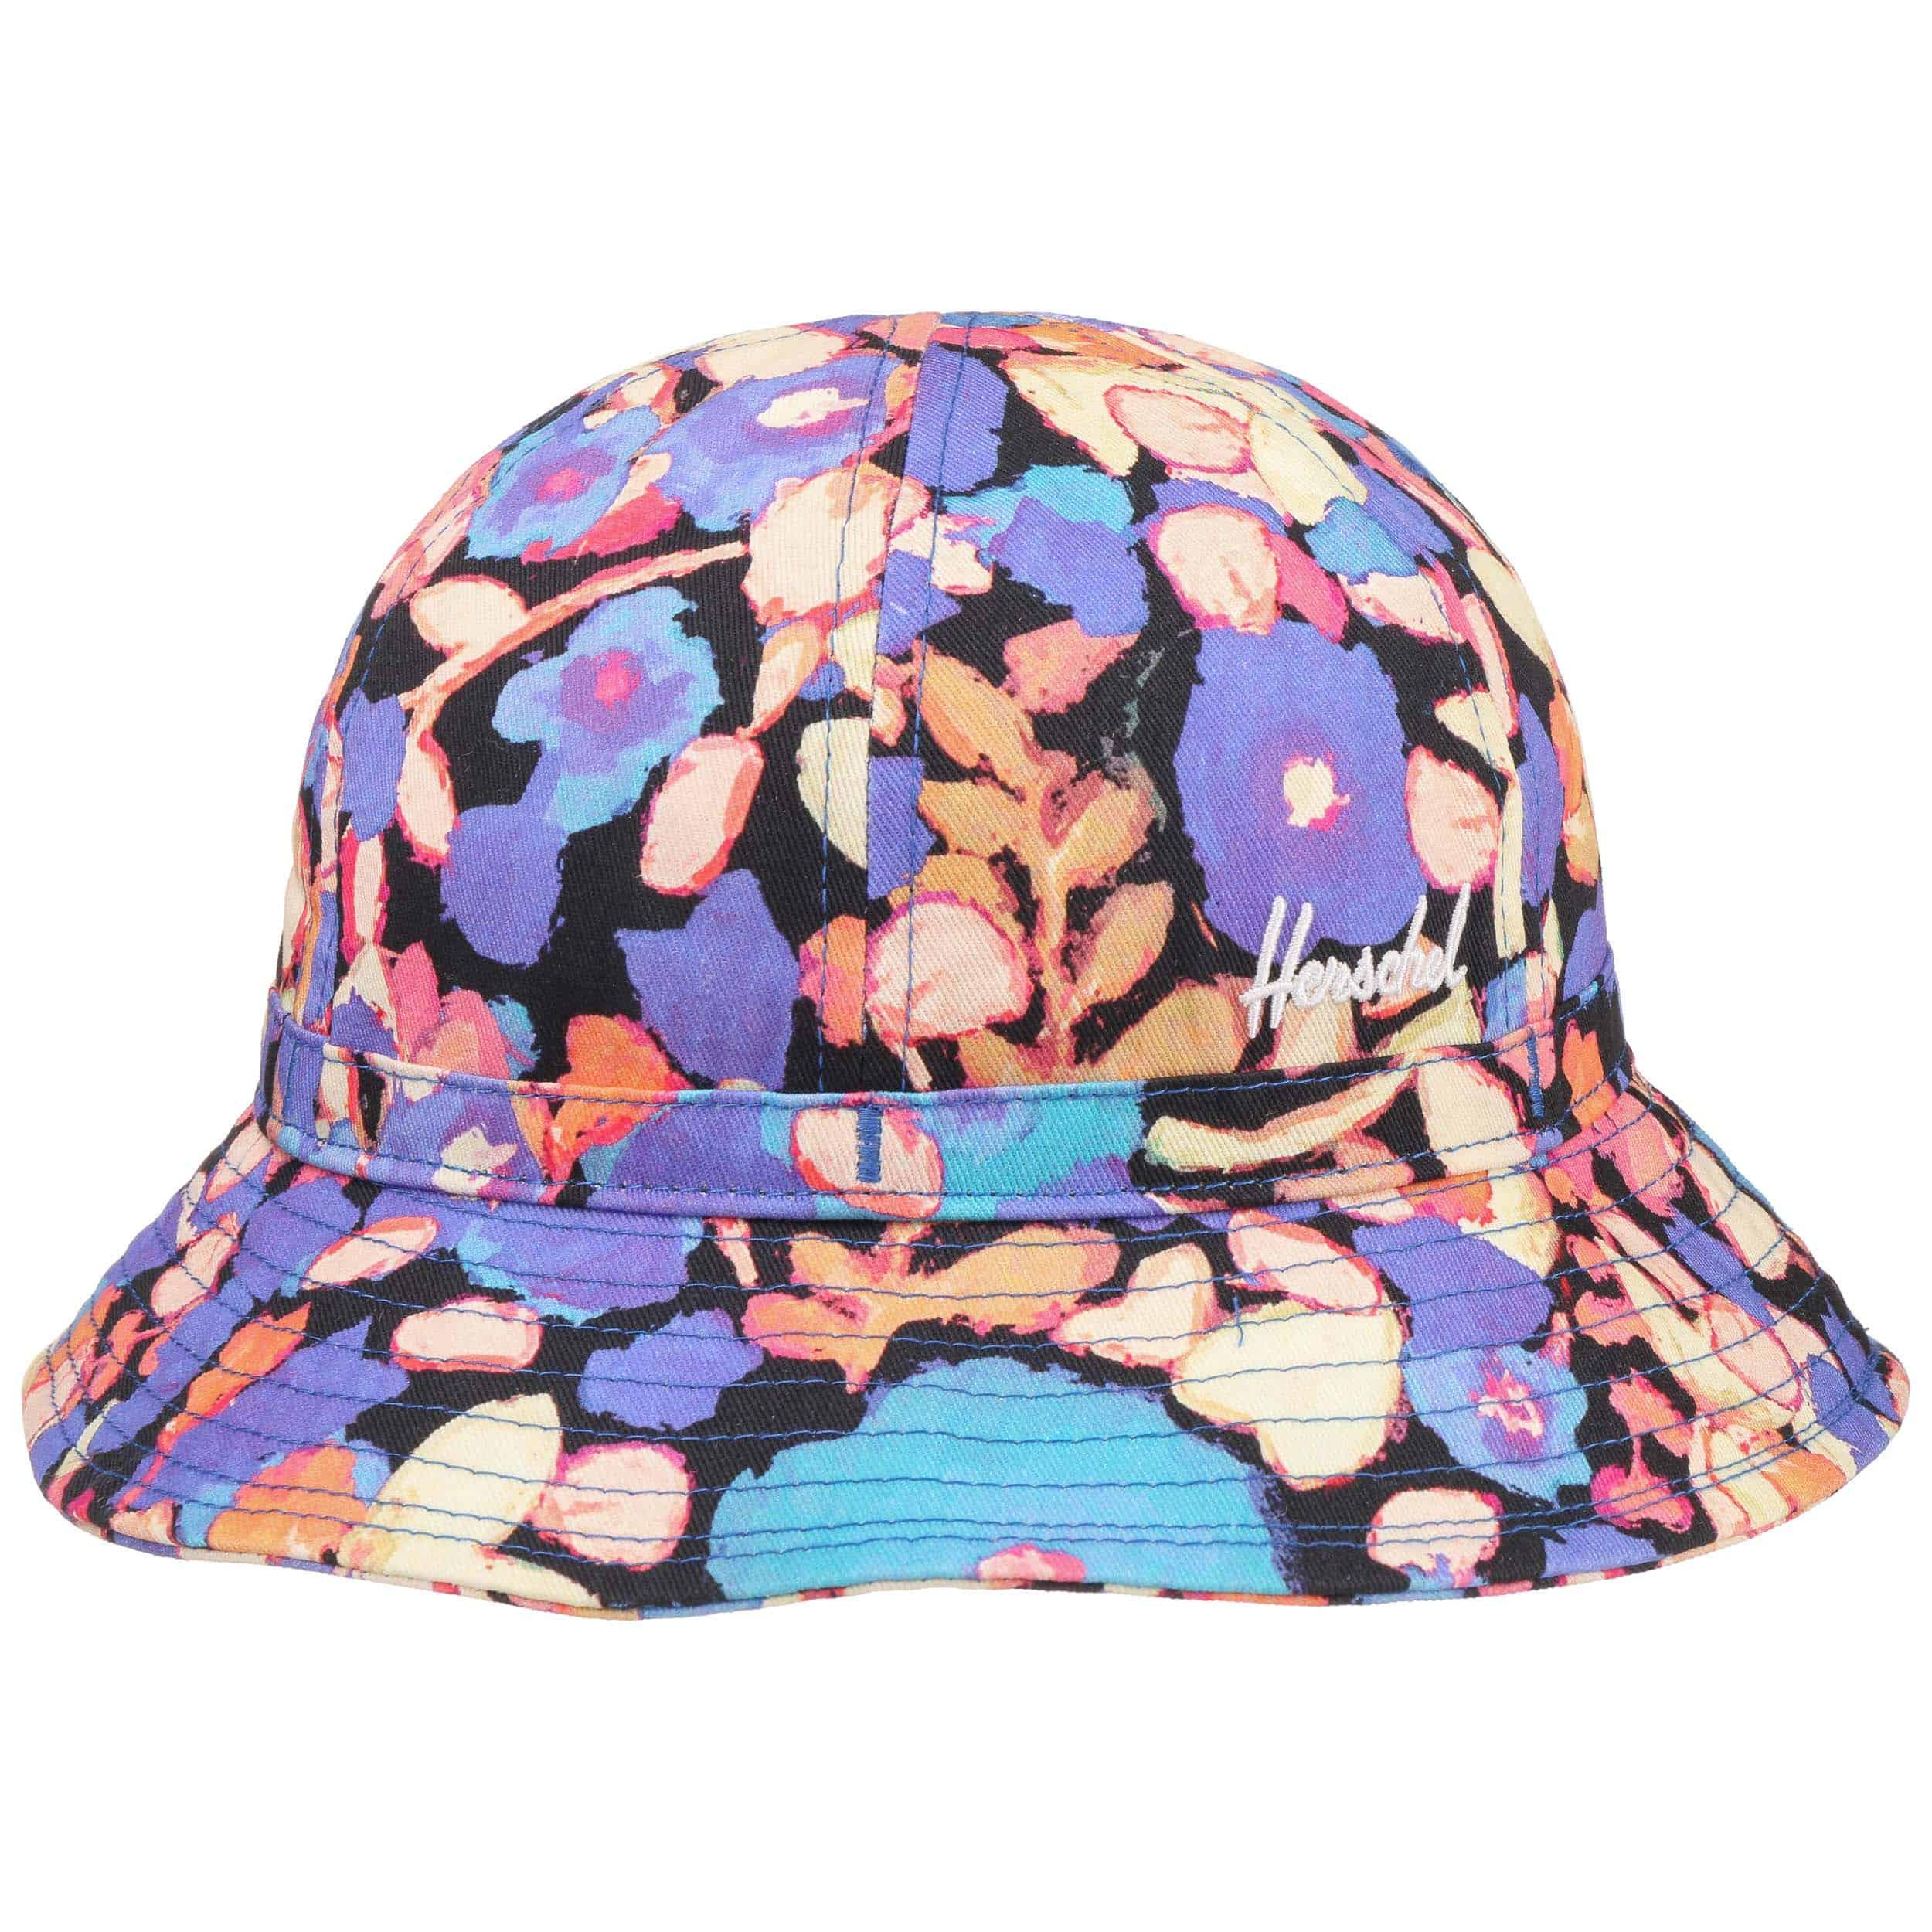 c1df0c06bfb6 ... camouflage 5 · Cooperman Pattern Bucket Hat by Herschel - 1 ...